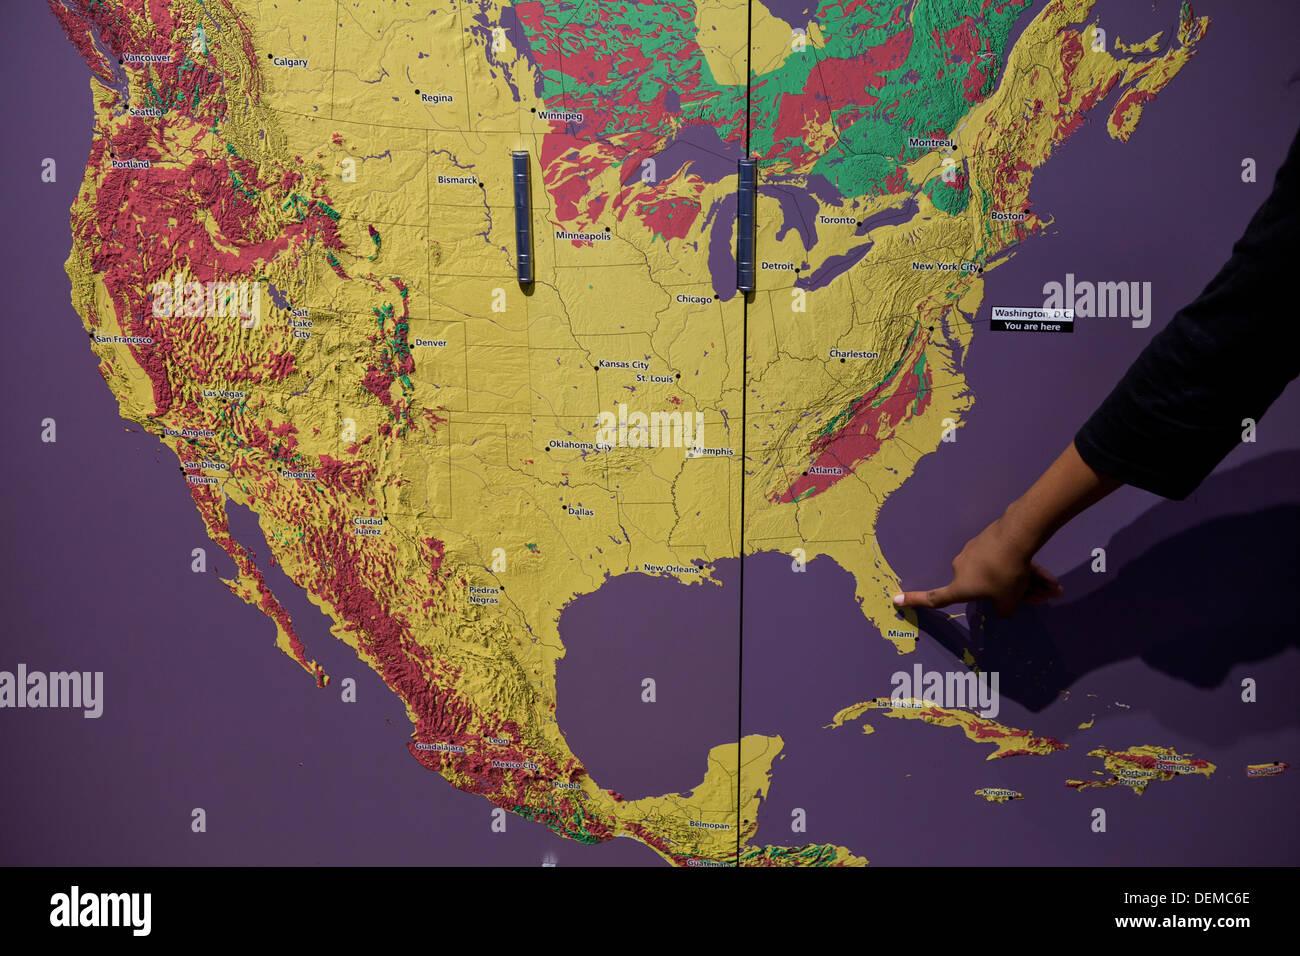 Florida Usa Map.Hand Pointing To Florida Usa Map Stock Photo 60684918 Alamy